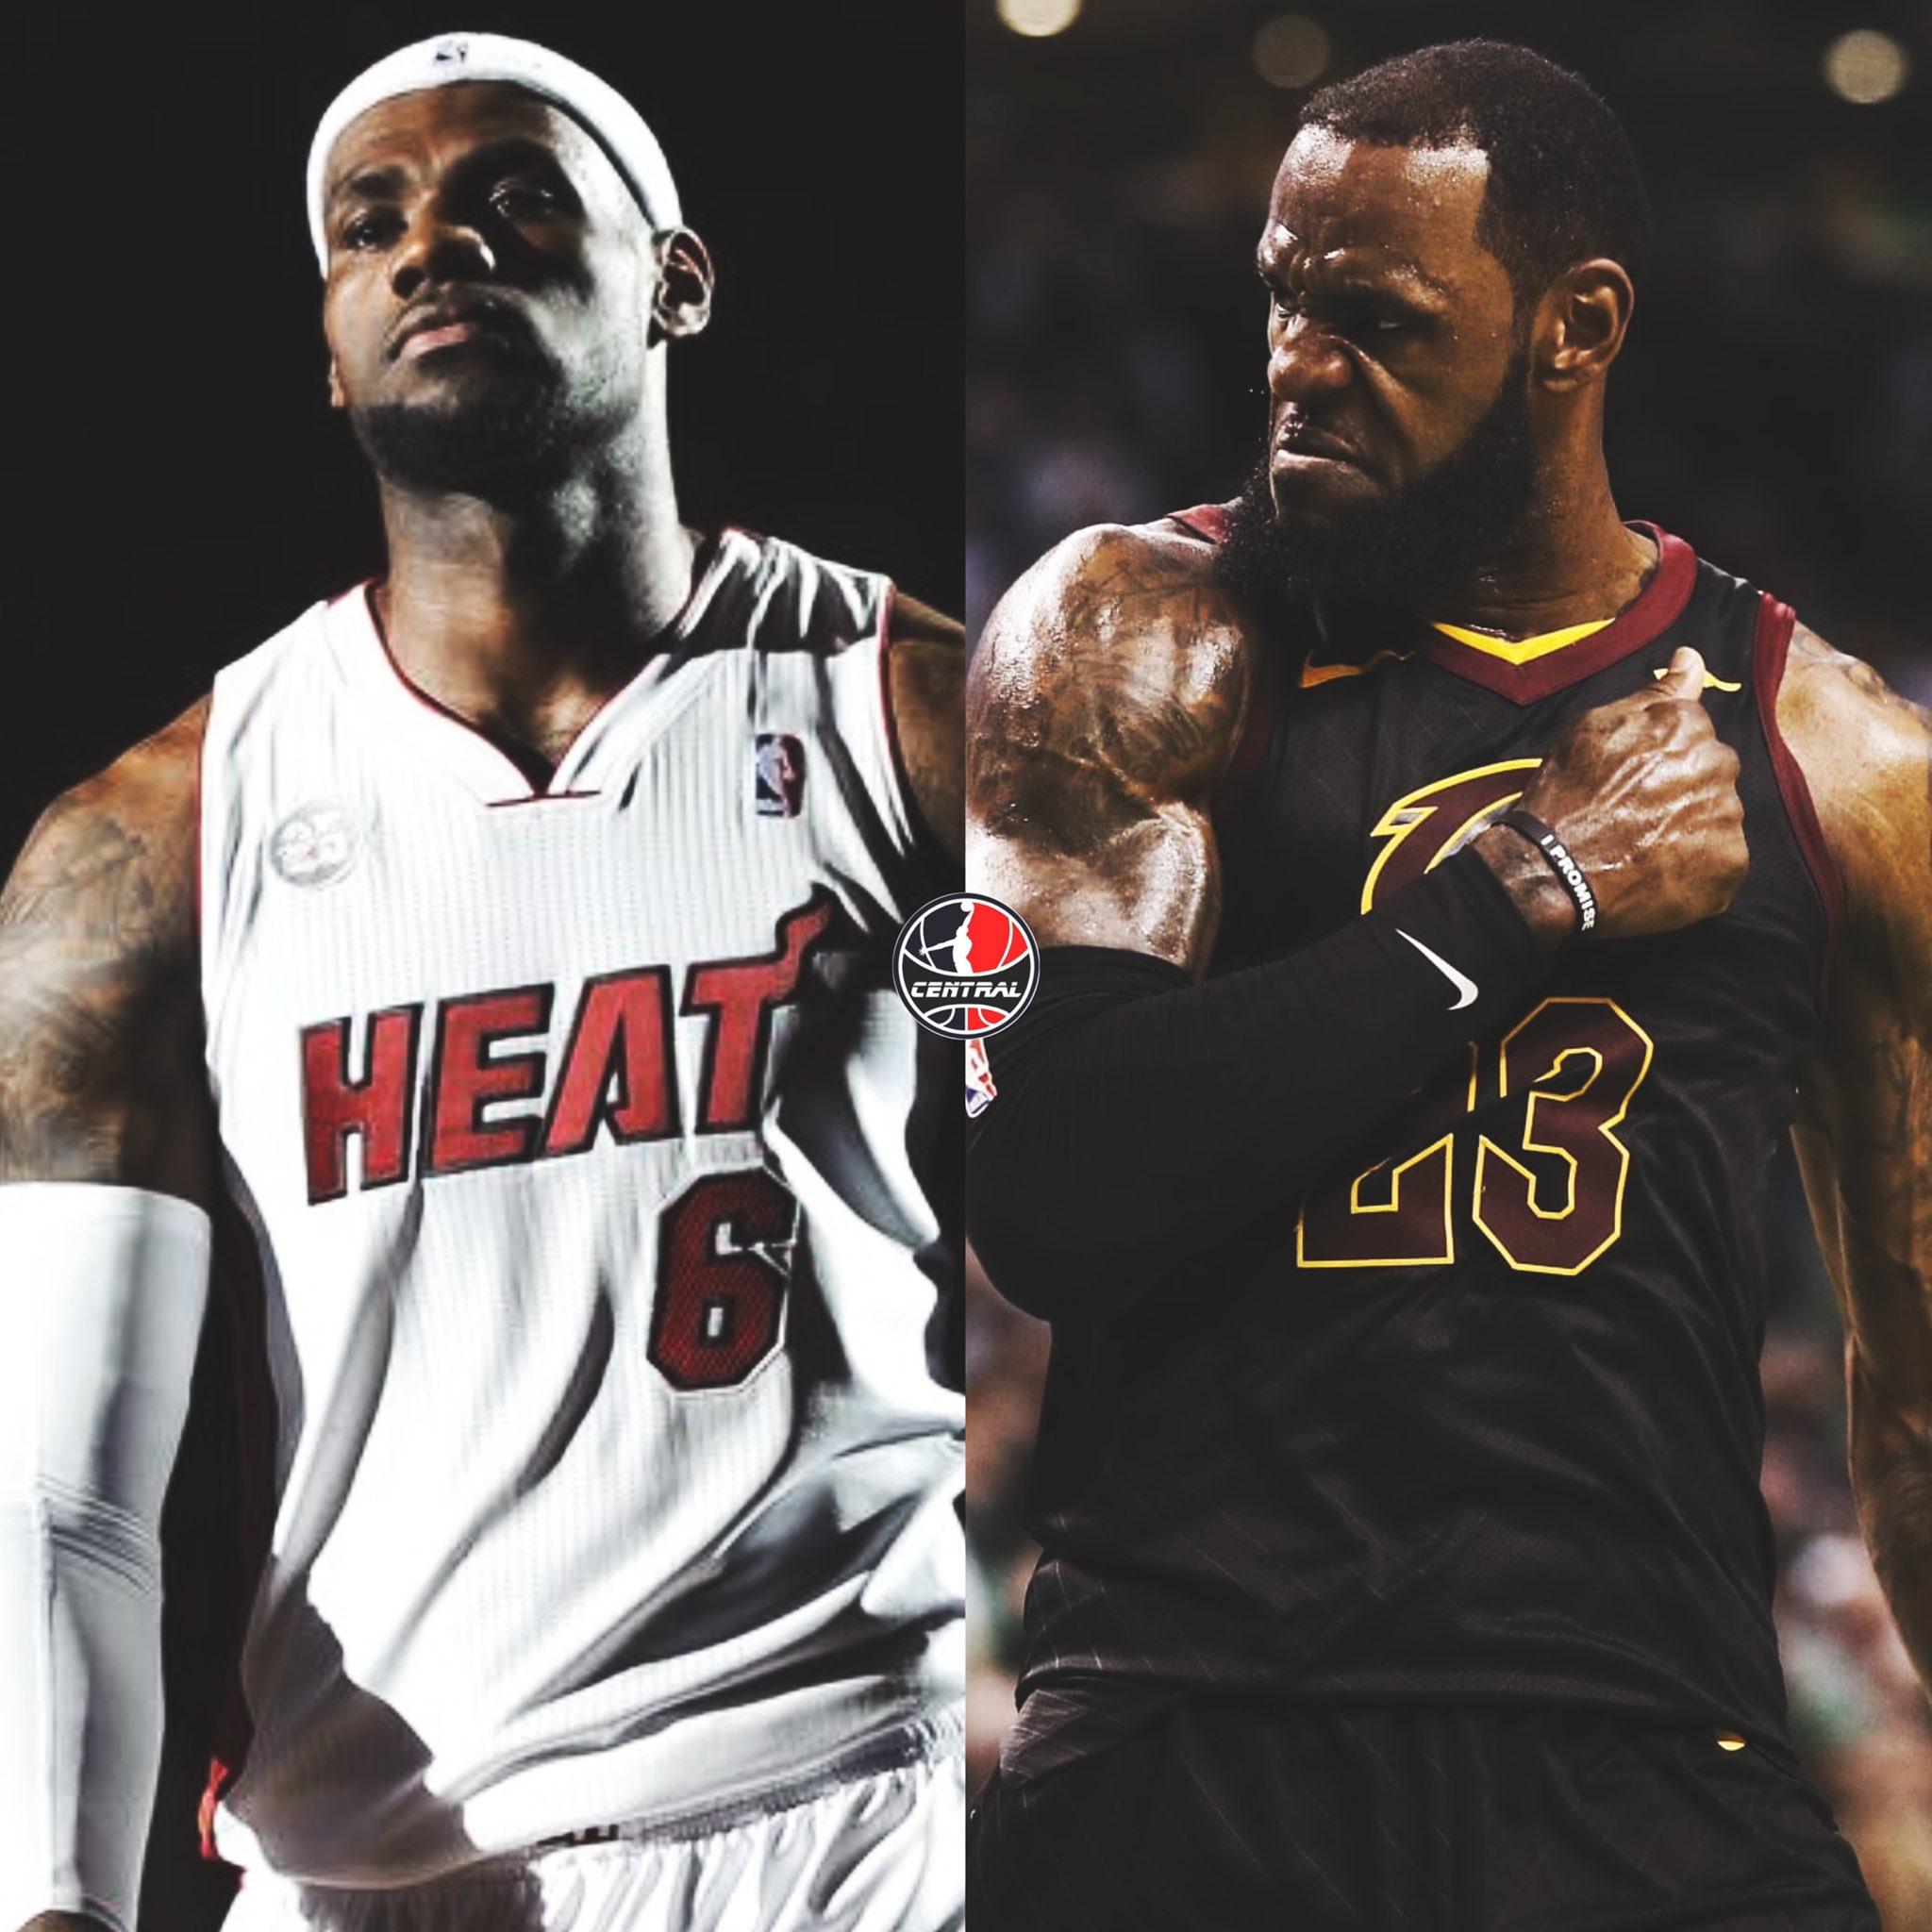 13年詹姆斯和18年詹姆斯,美媒曬圖並發問:誰是更好的球員?-黑特籃球-NBA新聞影音圖片分享社區